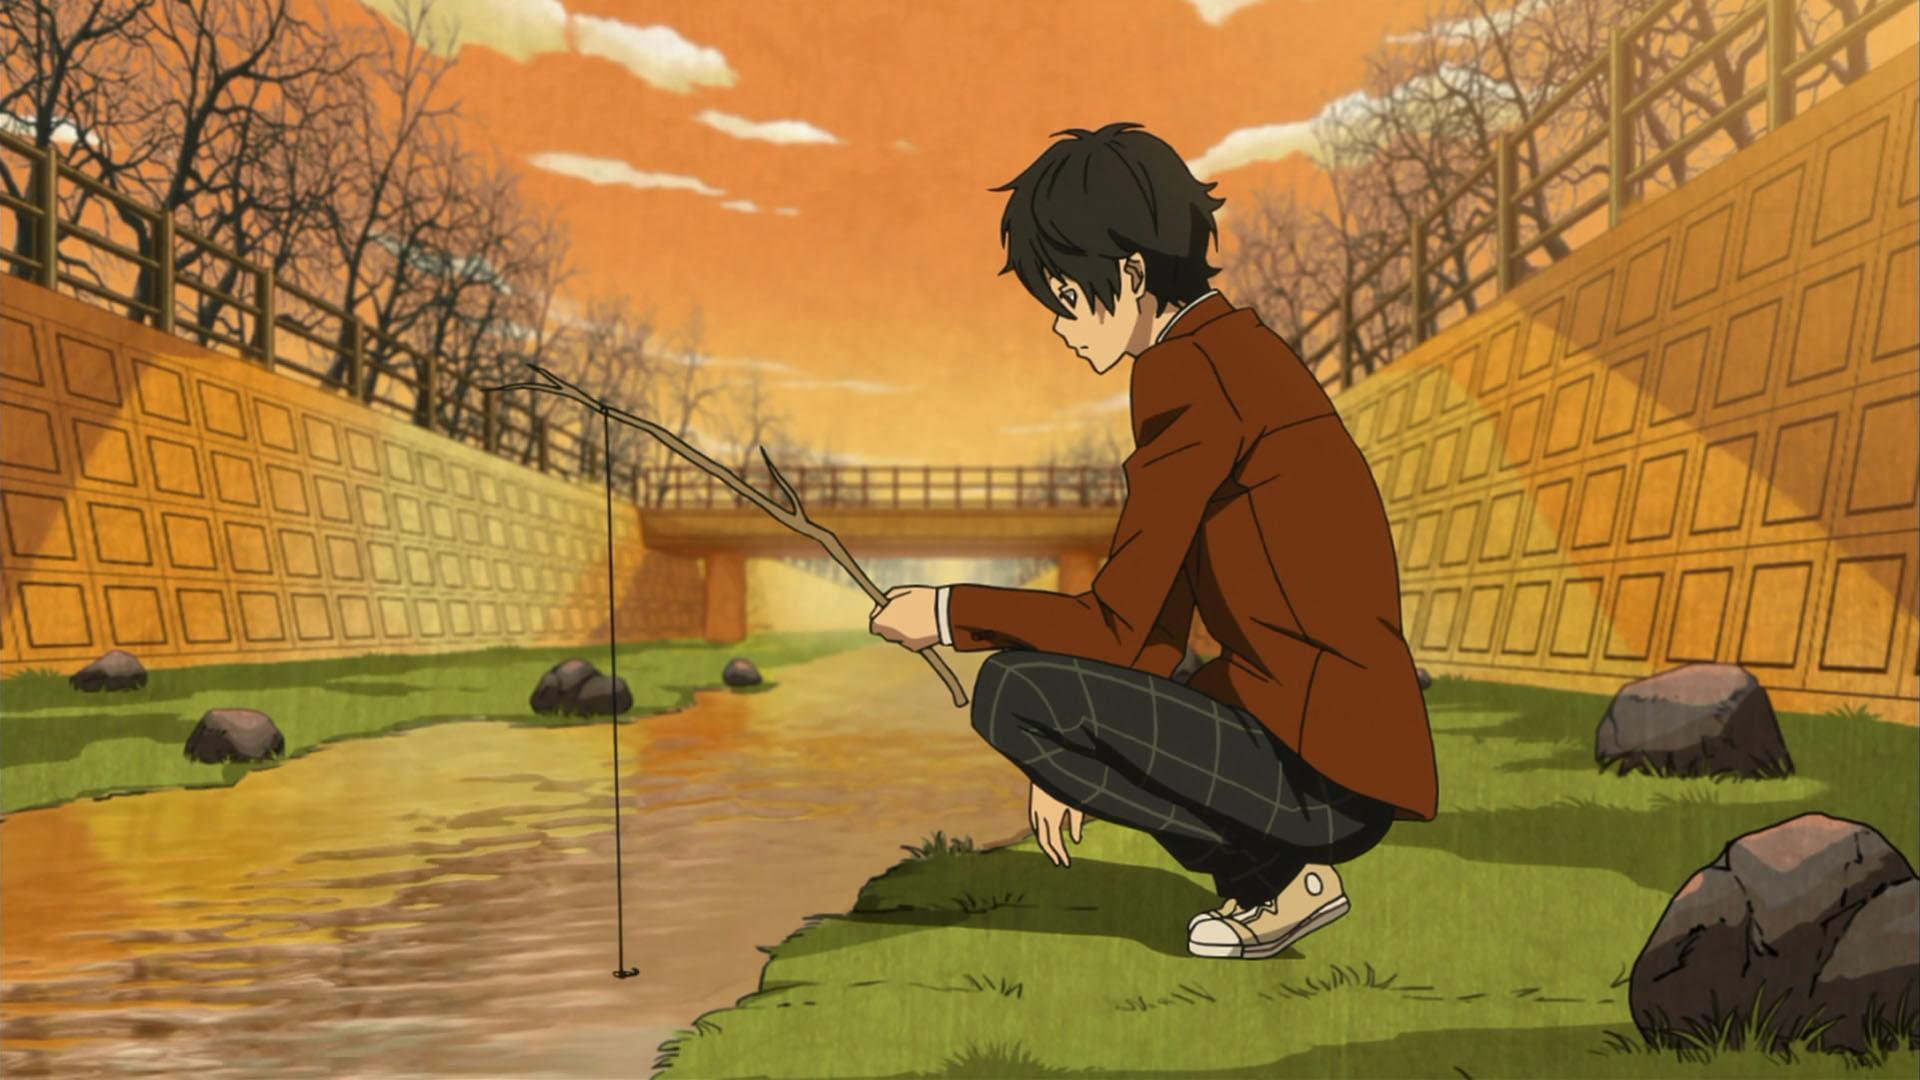 Tonari No Kaibutsu Kun Anime Wallpapers Wallpaper Cave